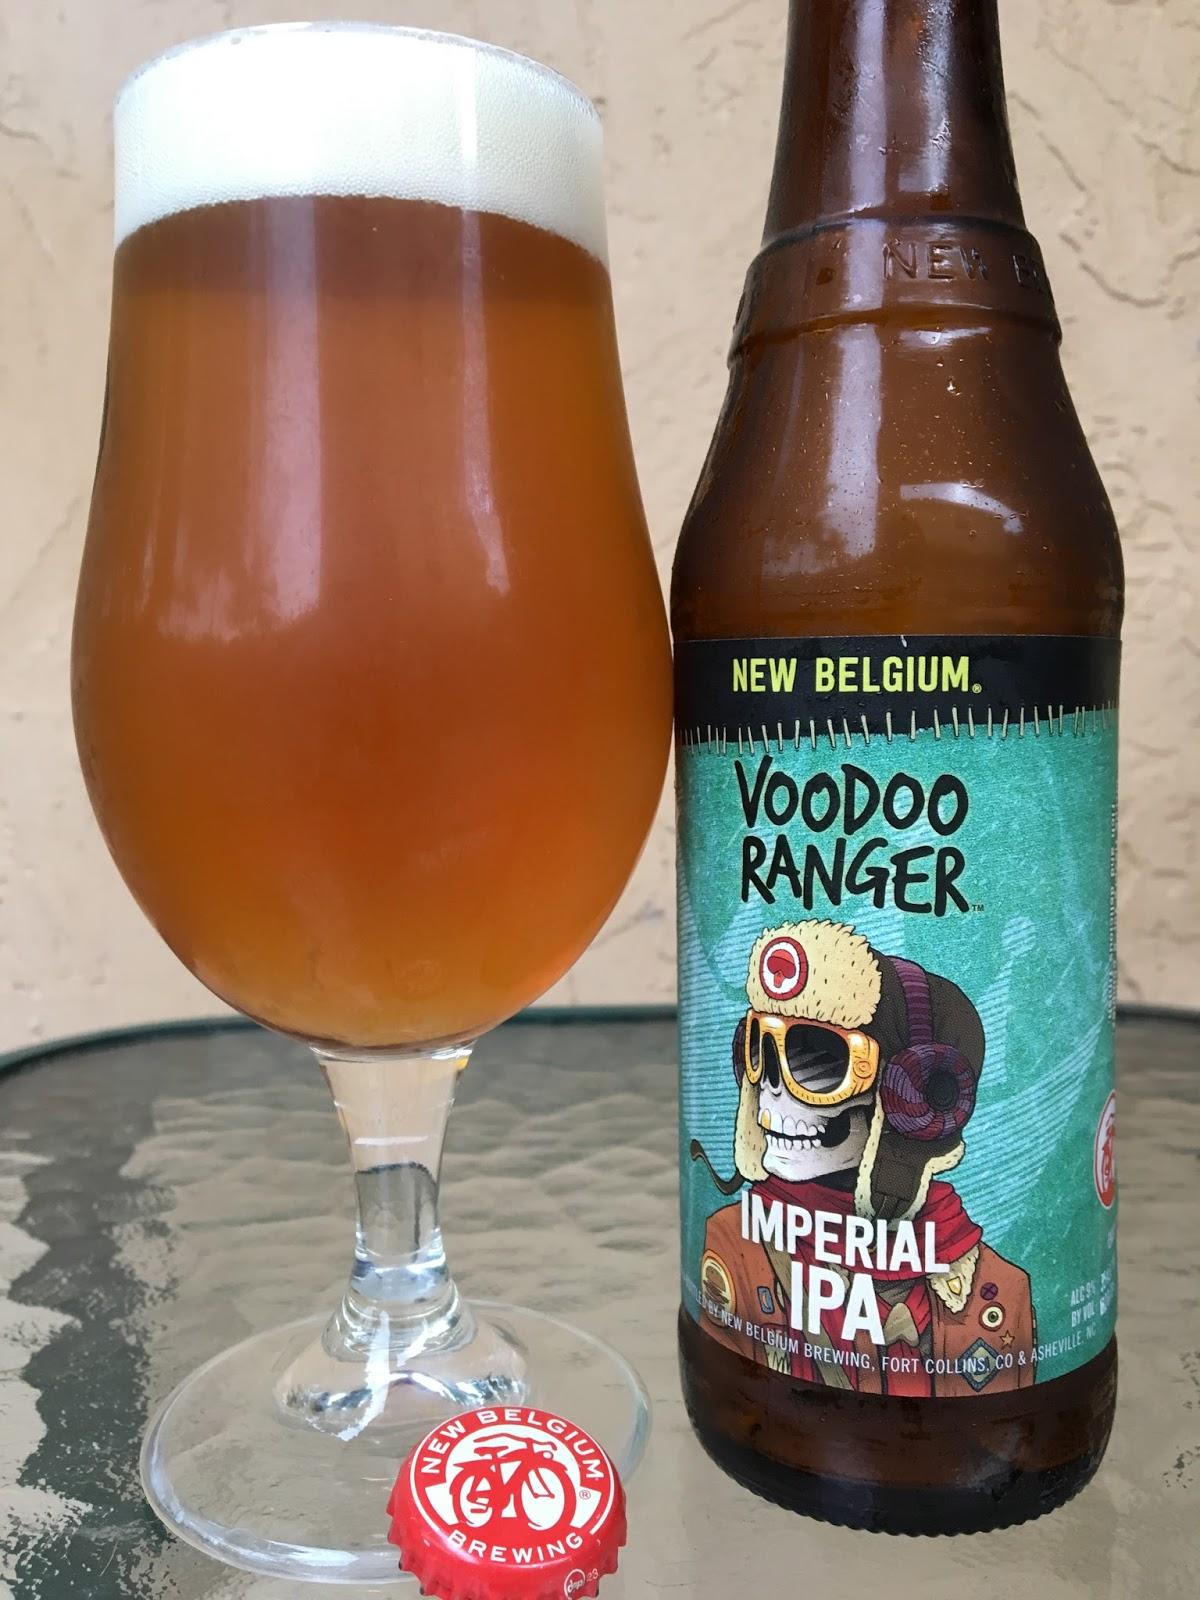 New+Belgium+Voodoo+Ranger+Imperial+IPA.j